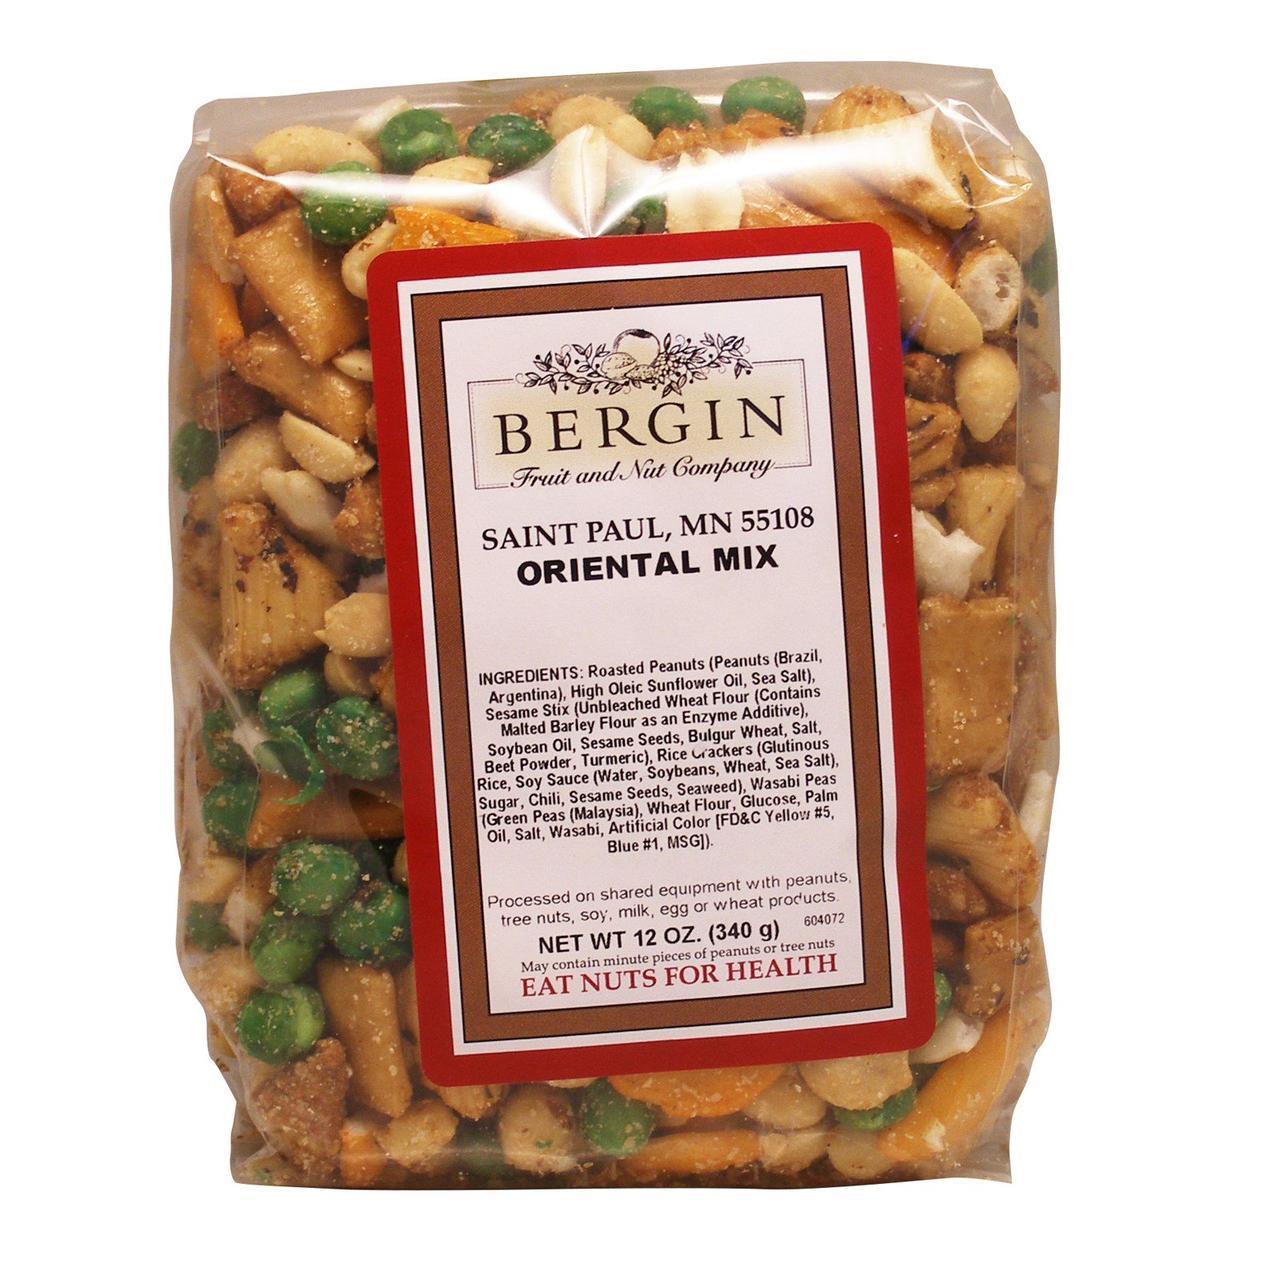 Bergin Fruit and Nut Company, Ориентальная смесь, 12 унций (340 г)